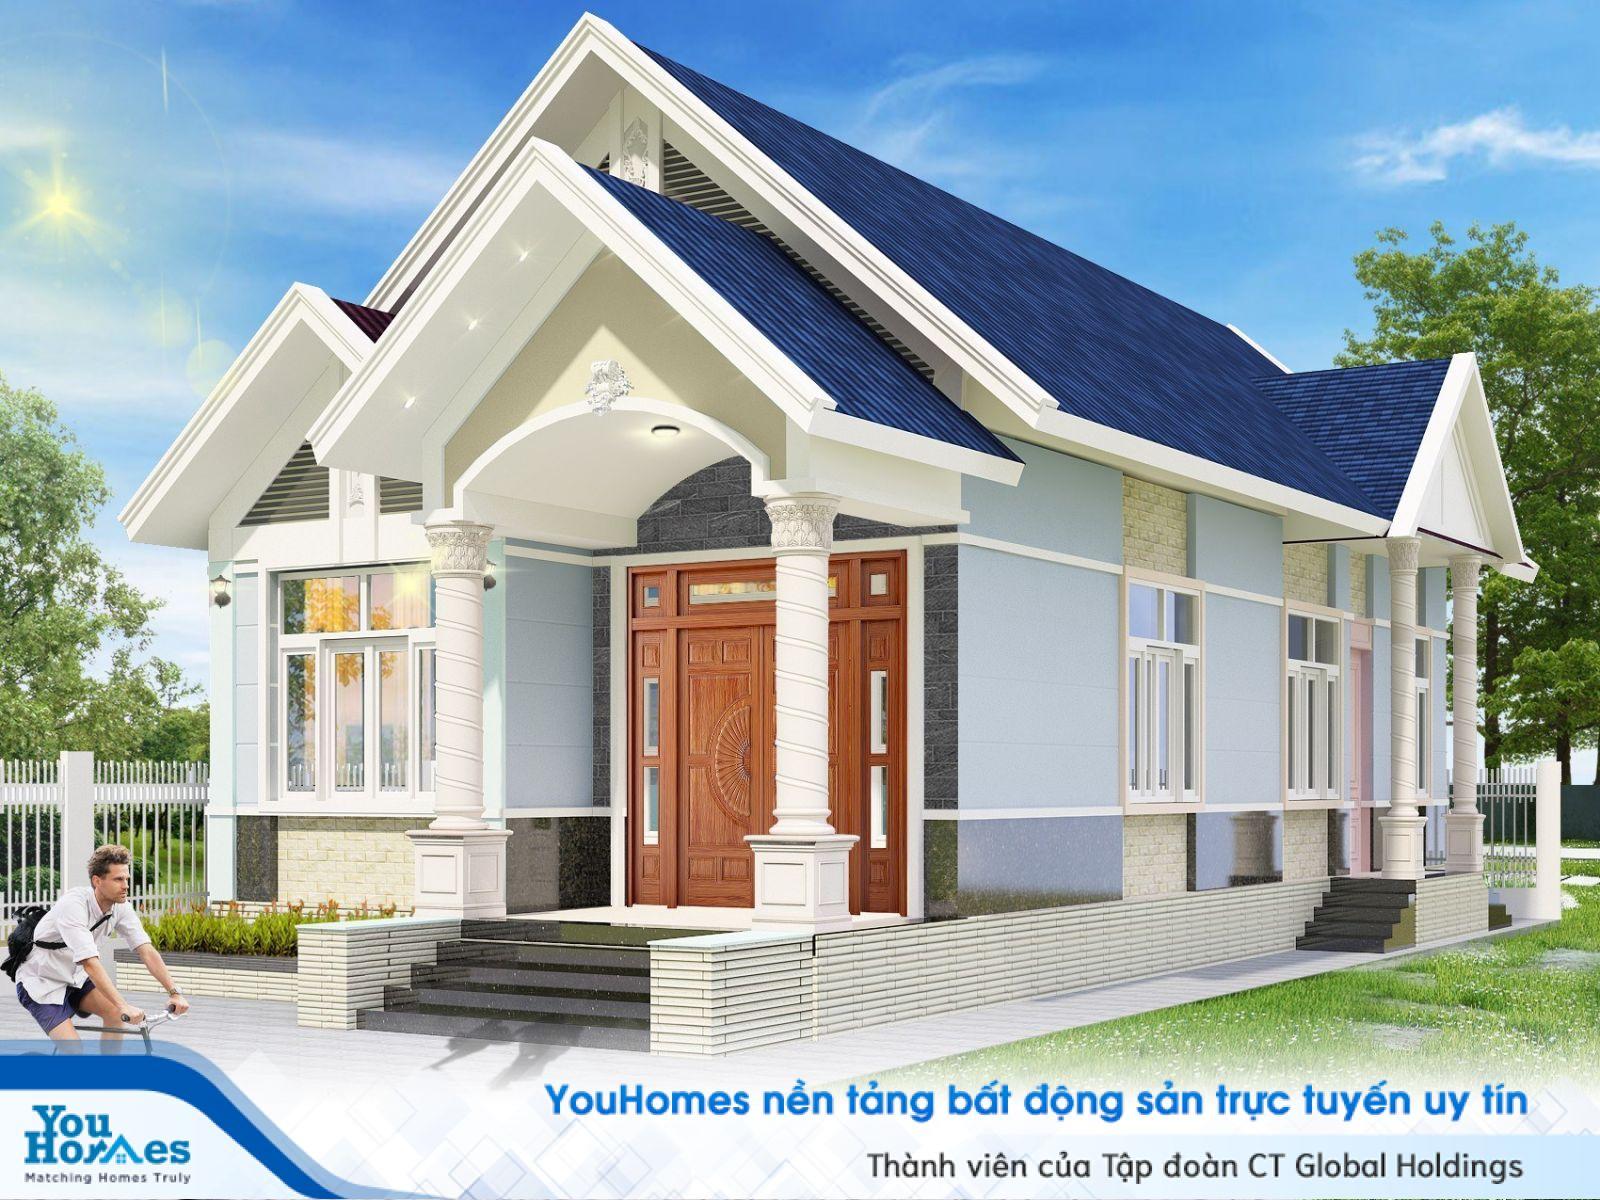 Phối cảnh tổng thể mẫu nhà cấp 4 mái thái 6x12m ở nông thôn 3 phòng ngủ 600 triệu đồng.